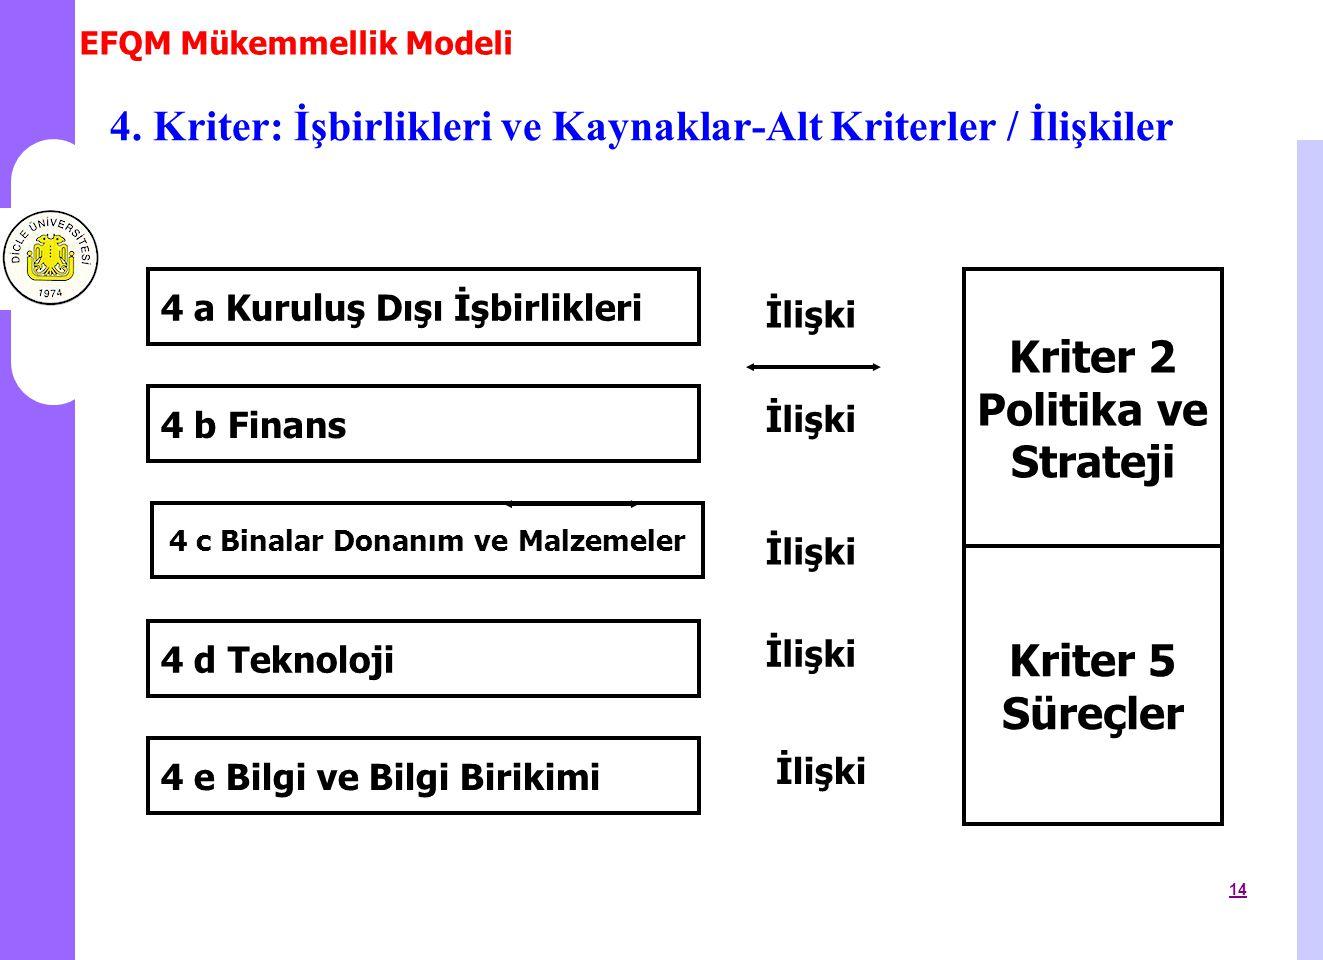 4. Kriter: İşbirlikleri ve Kaynaklar-Alt Kriterler / İlişkiler